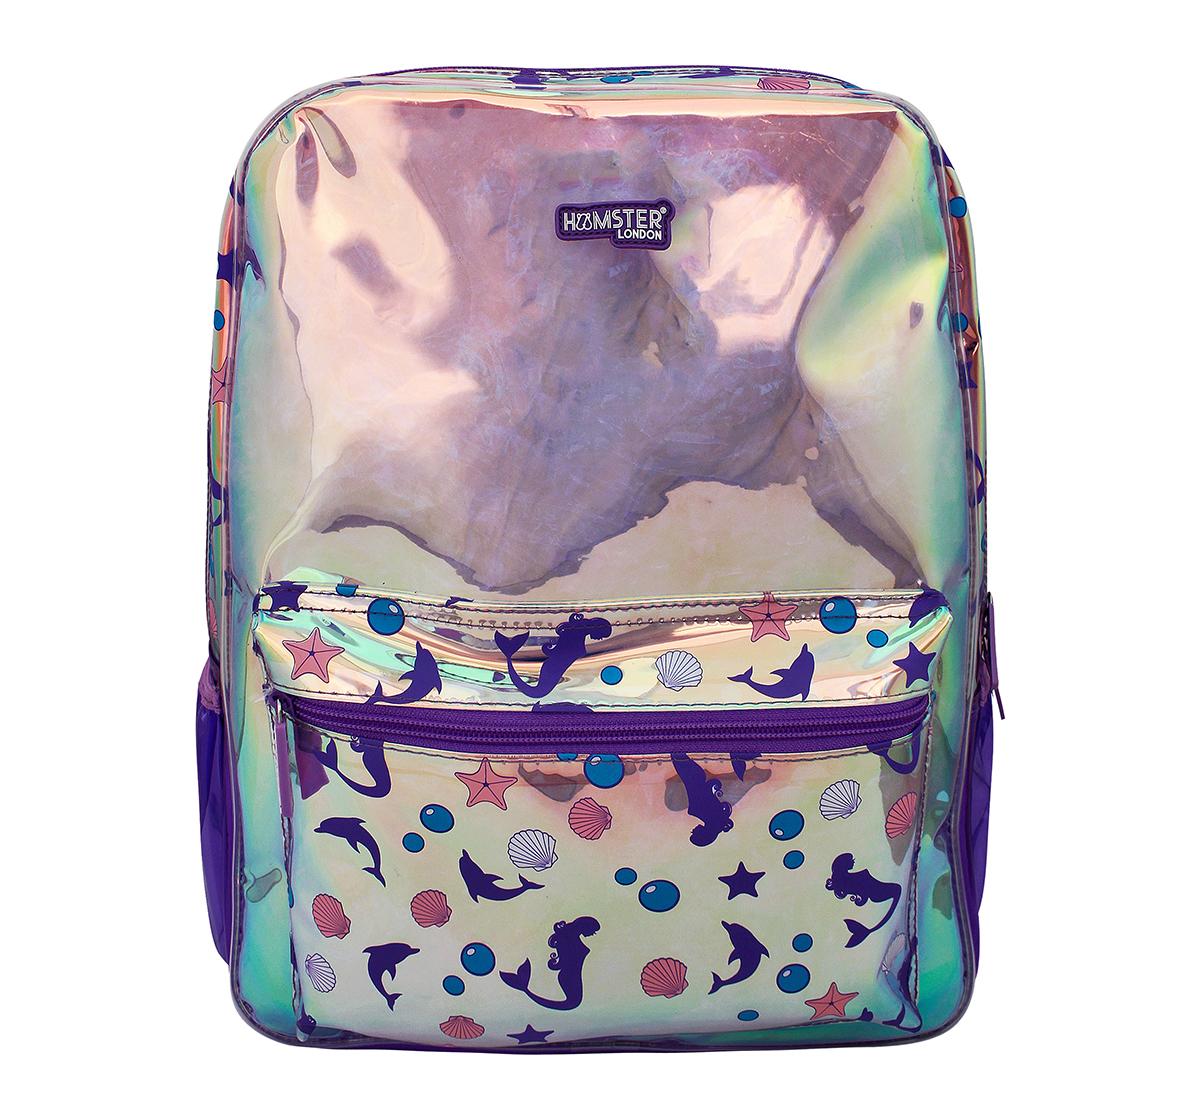 Hamster London | Hamster London Big Mermaid Backpack for Girls age 3Y+ (Purple)